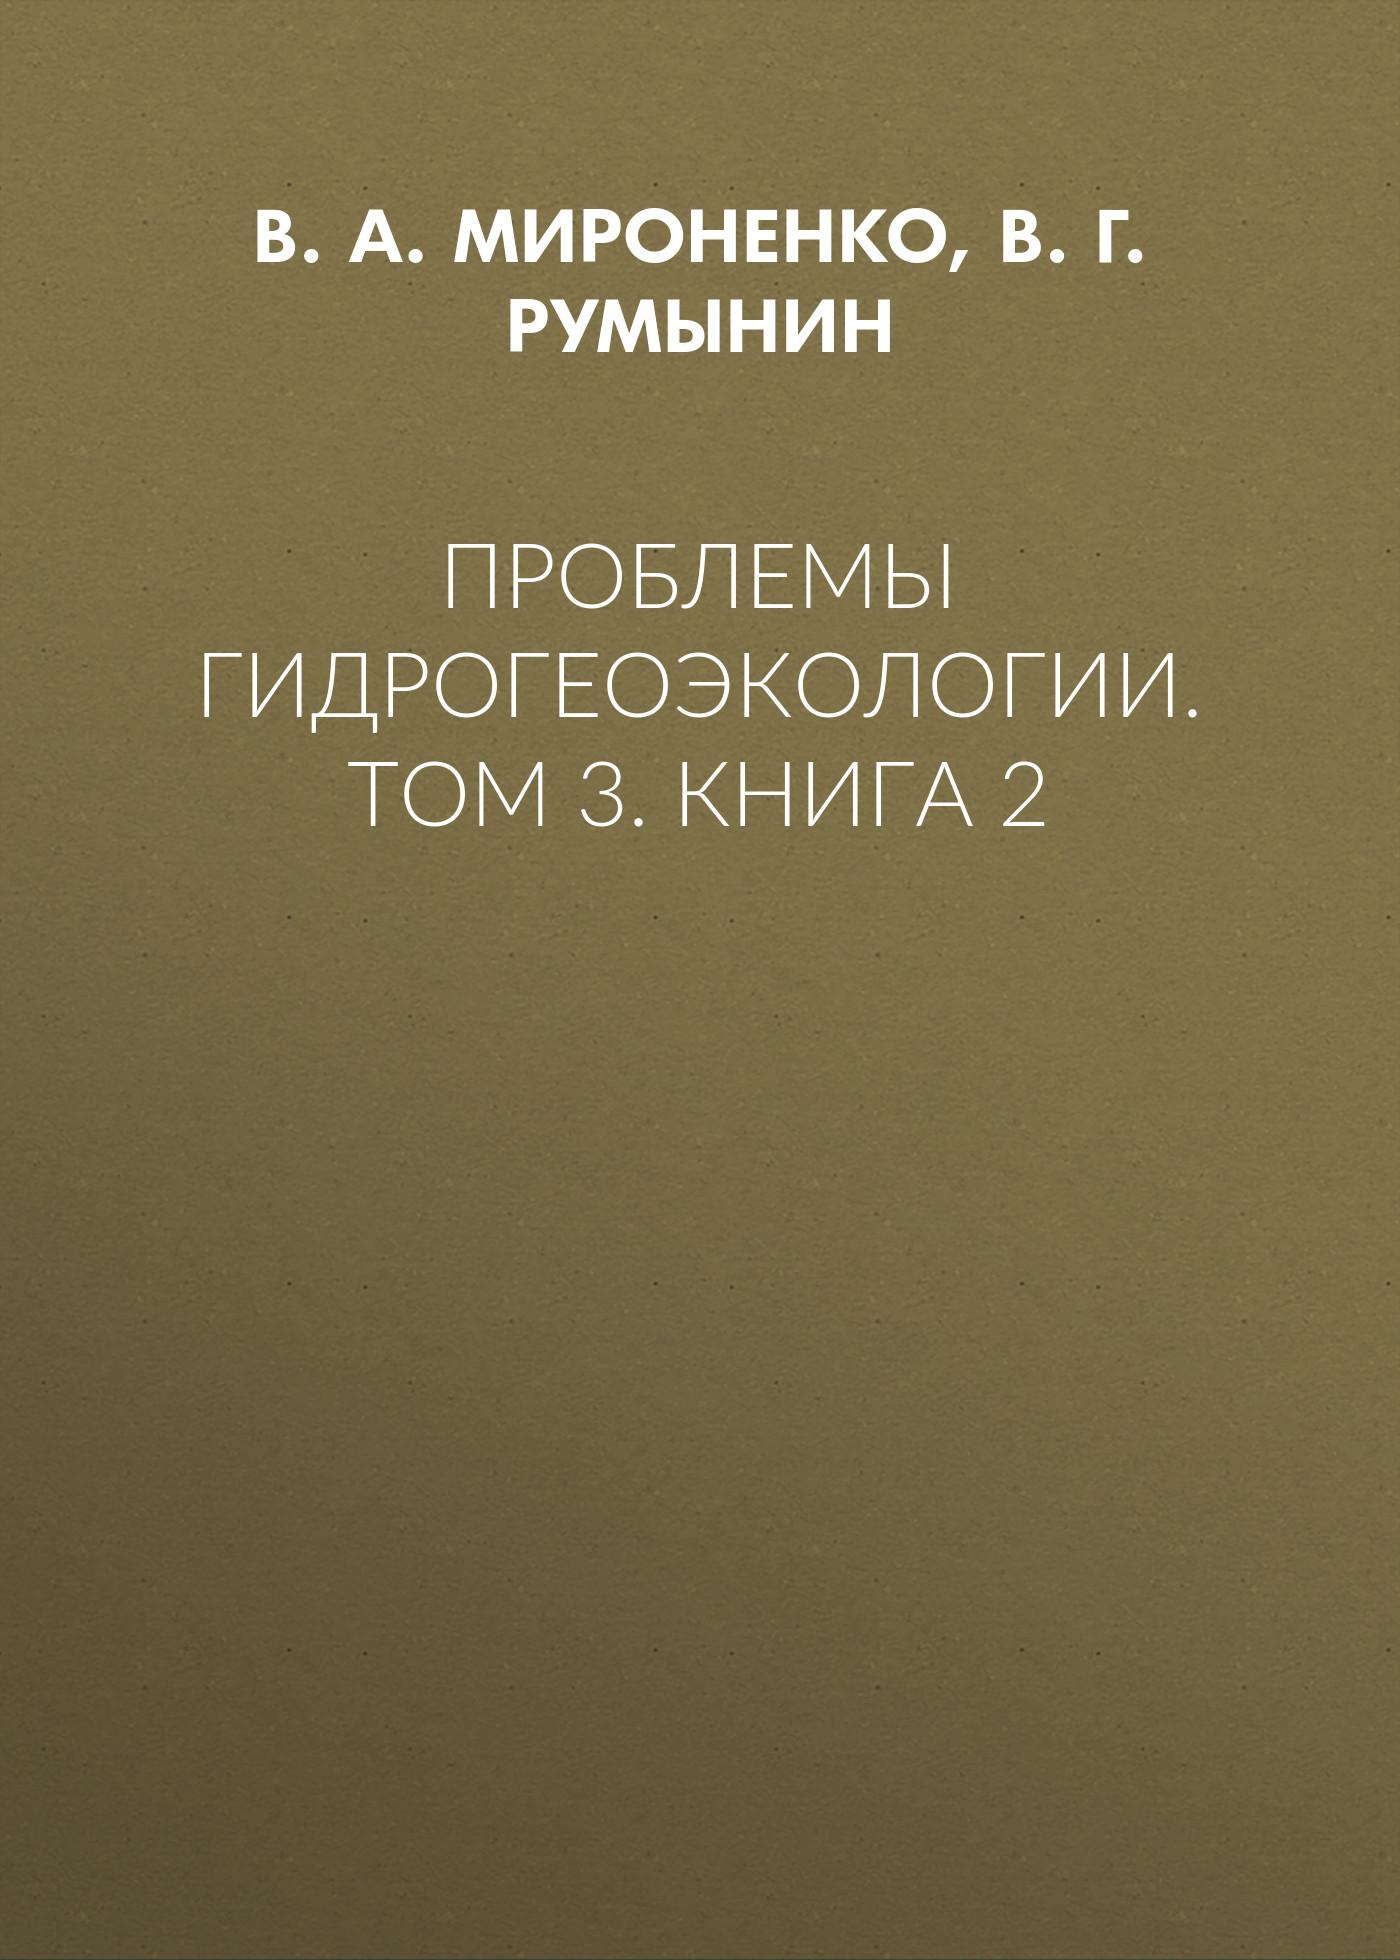 цены В. А. Мироненко Проблемы гидрогеоэкологии. Том 3. Книга 2